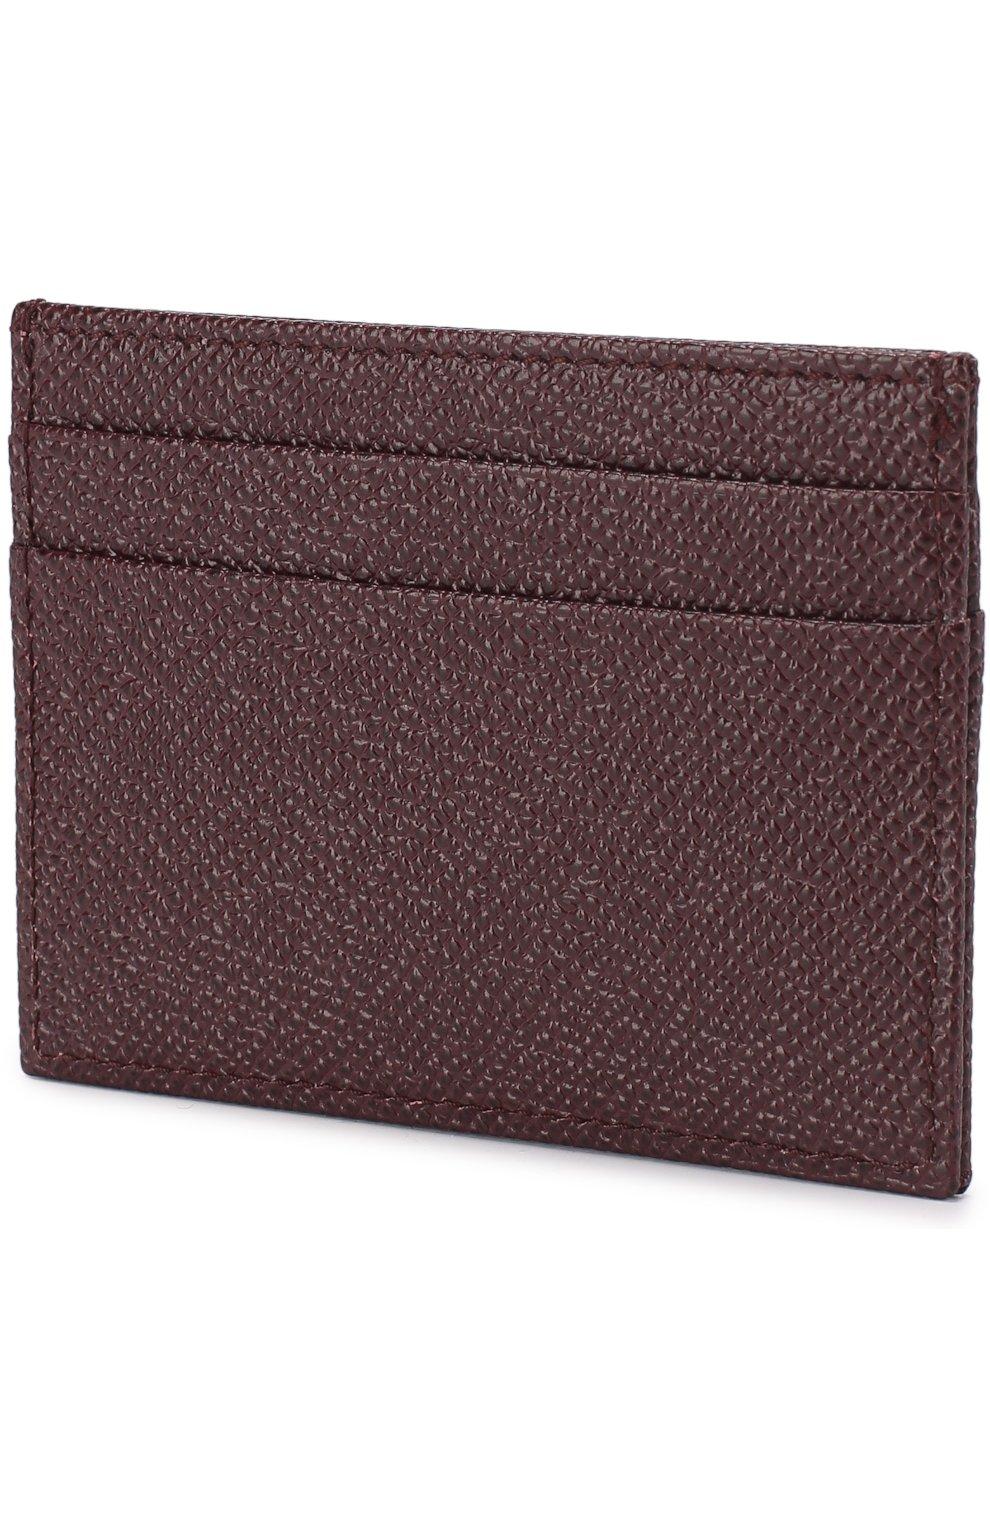 Кожаный футляр для кредитных карт Dolce & Gabbana бордового цвета | Фото №2